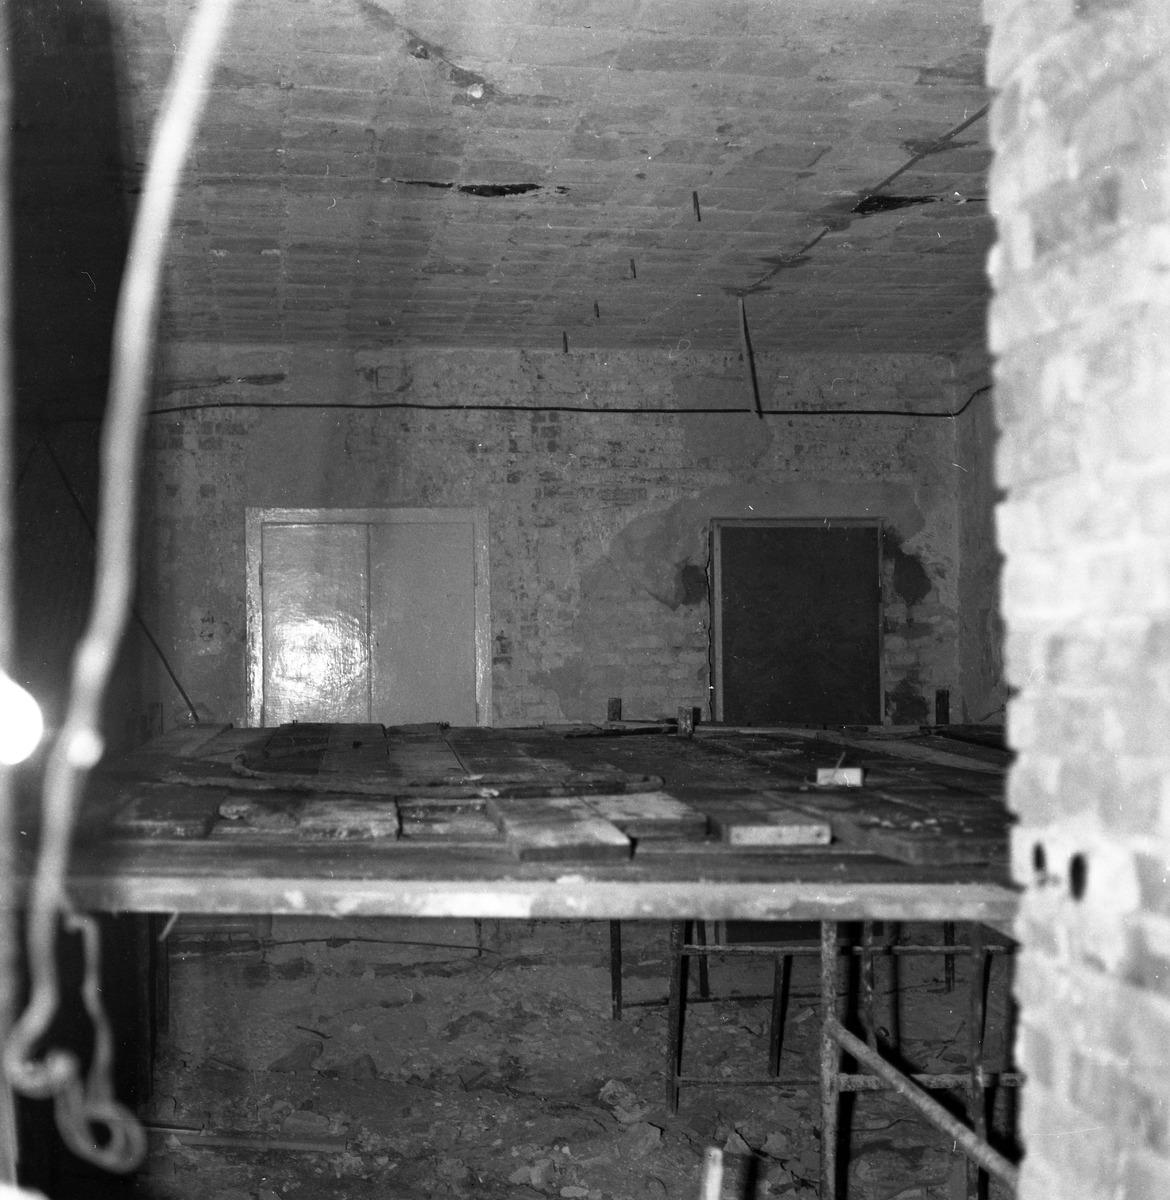 Remont pomieszczeń PDK, 1974 r.